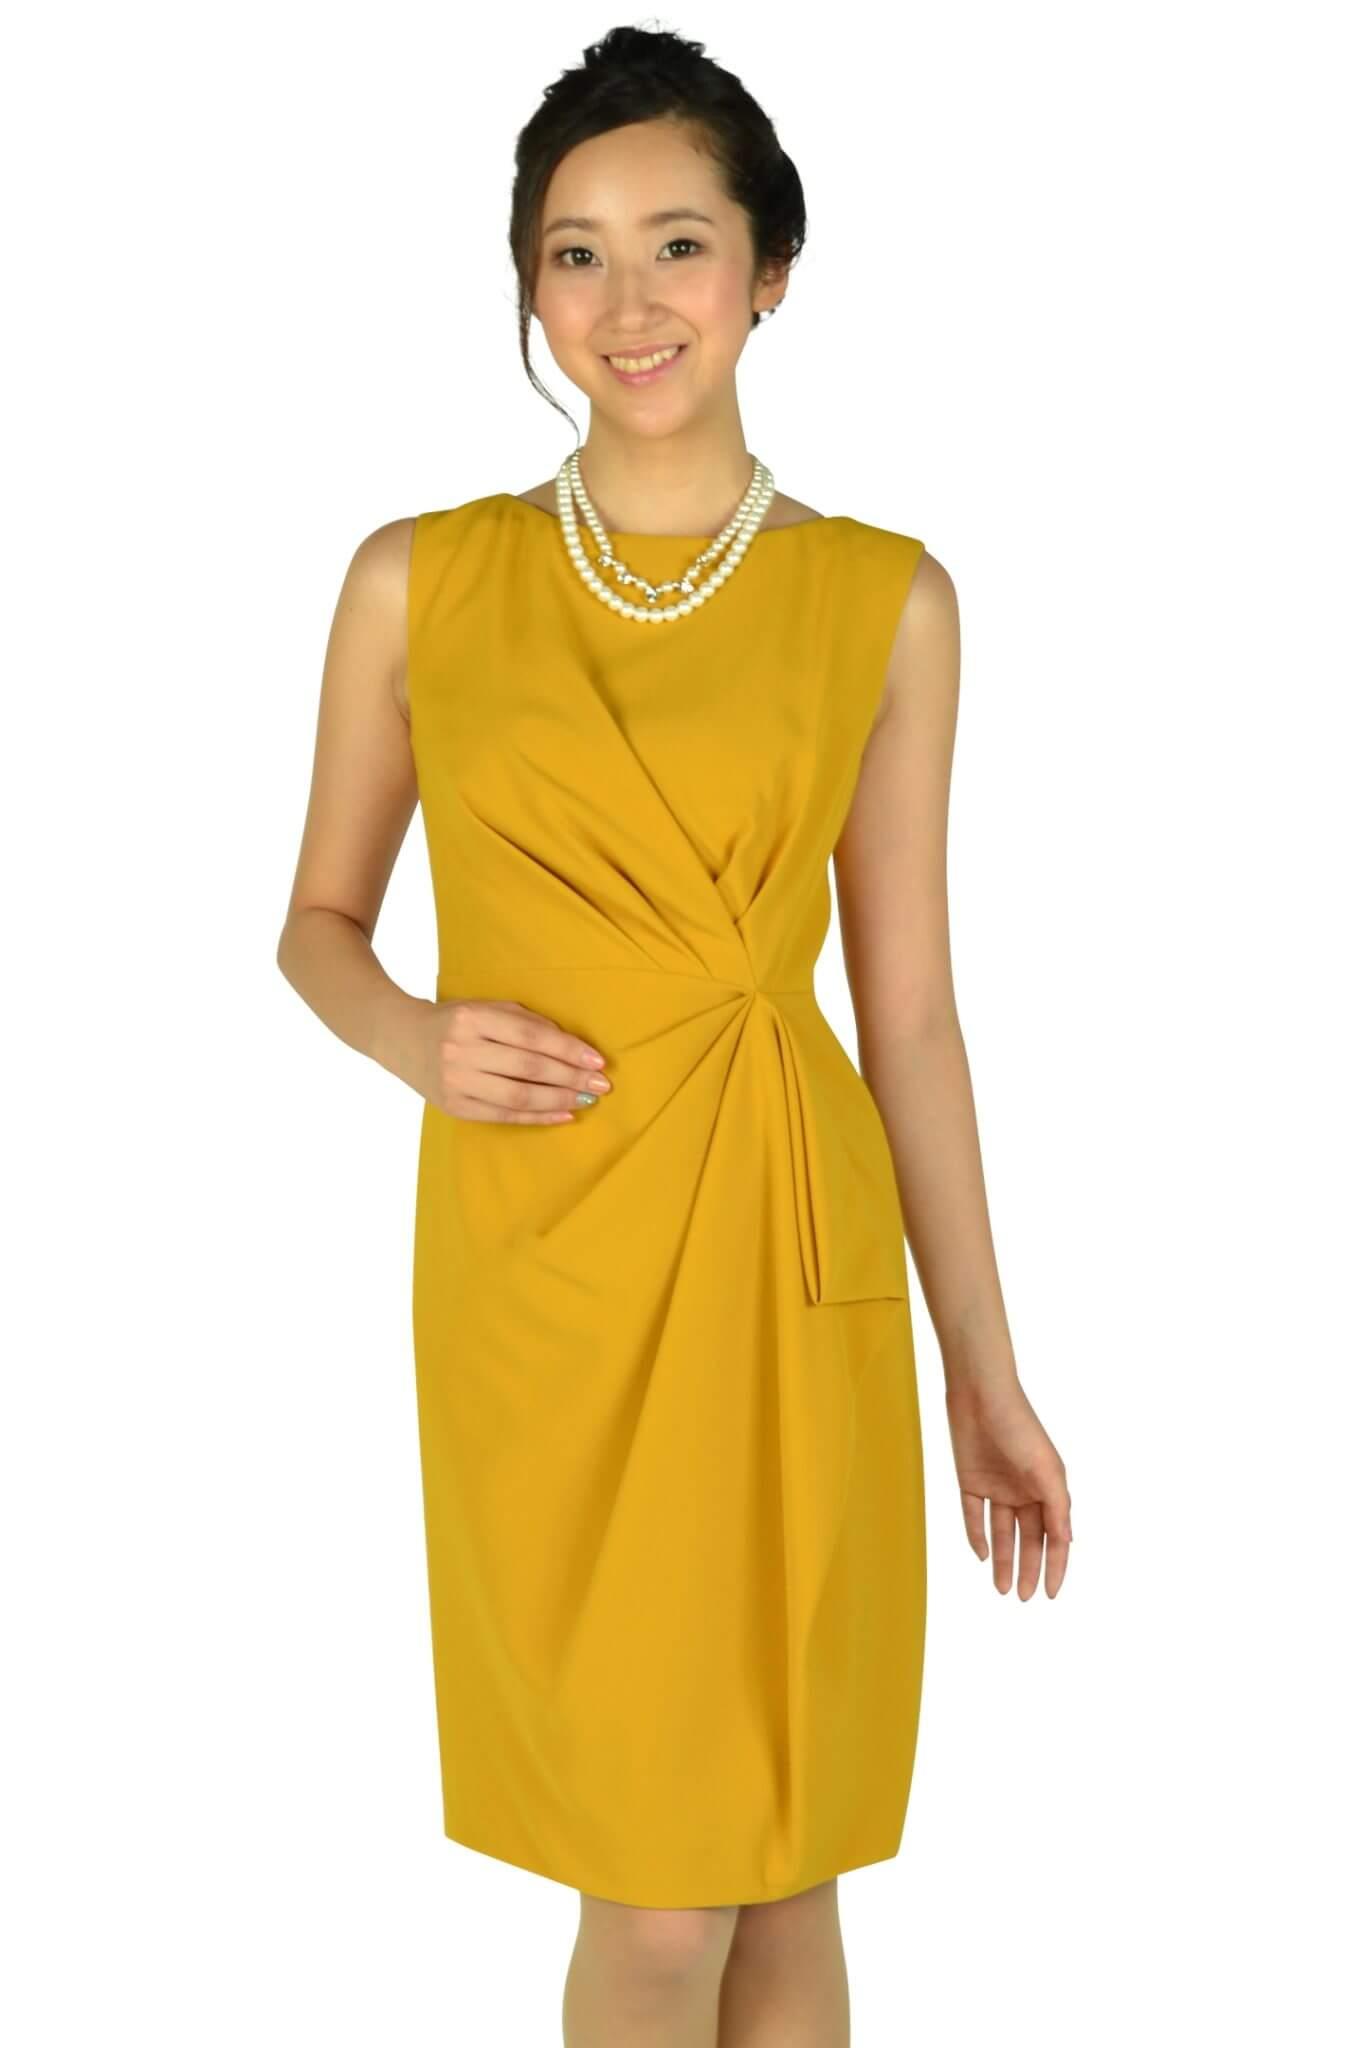 グレースコンチネンタル (GRACE CONTINENTAL)大人タックマスタードドレス